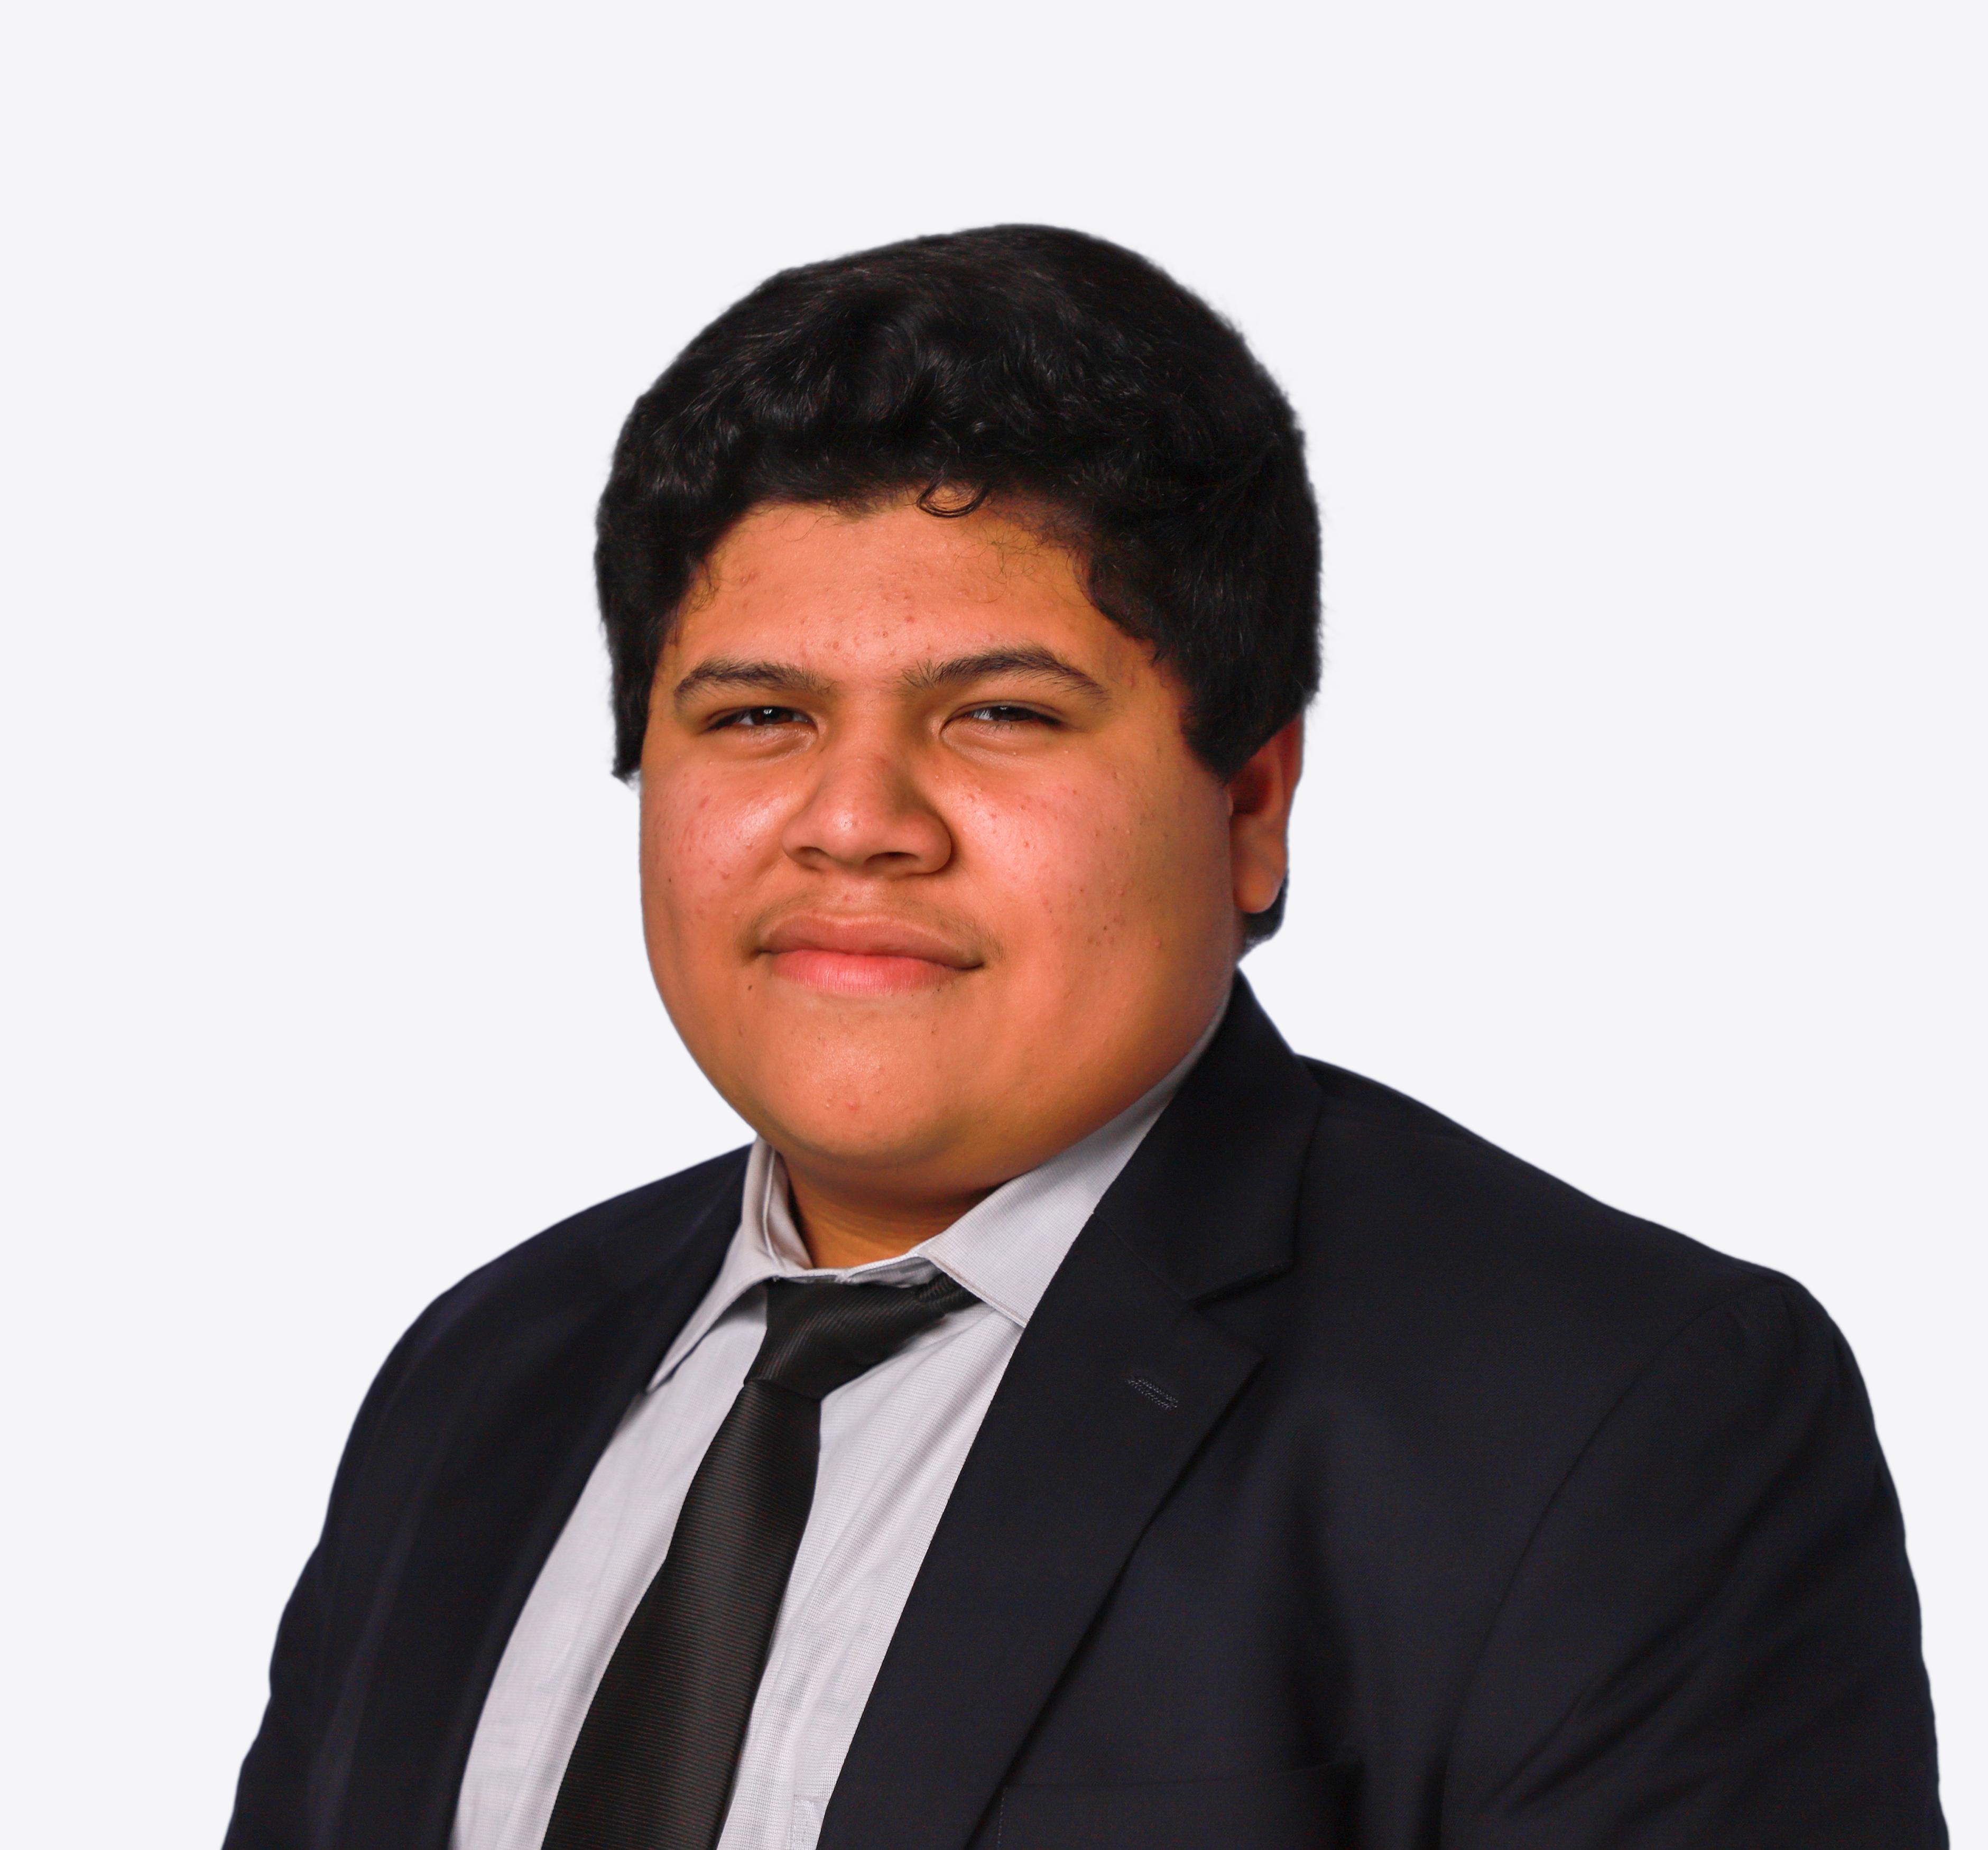 Santiago Reyes